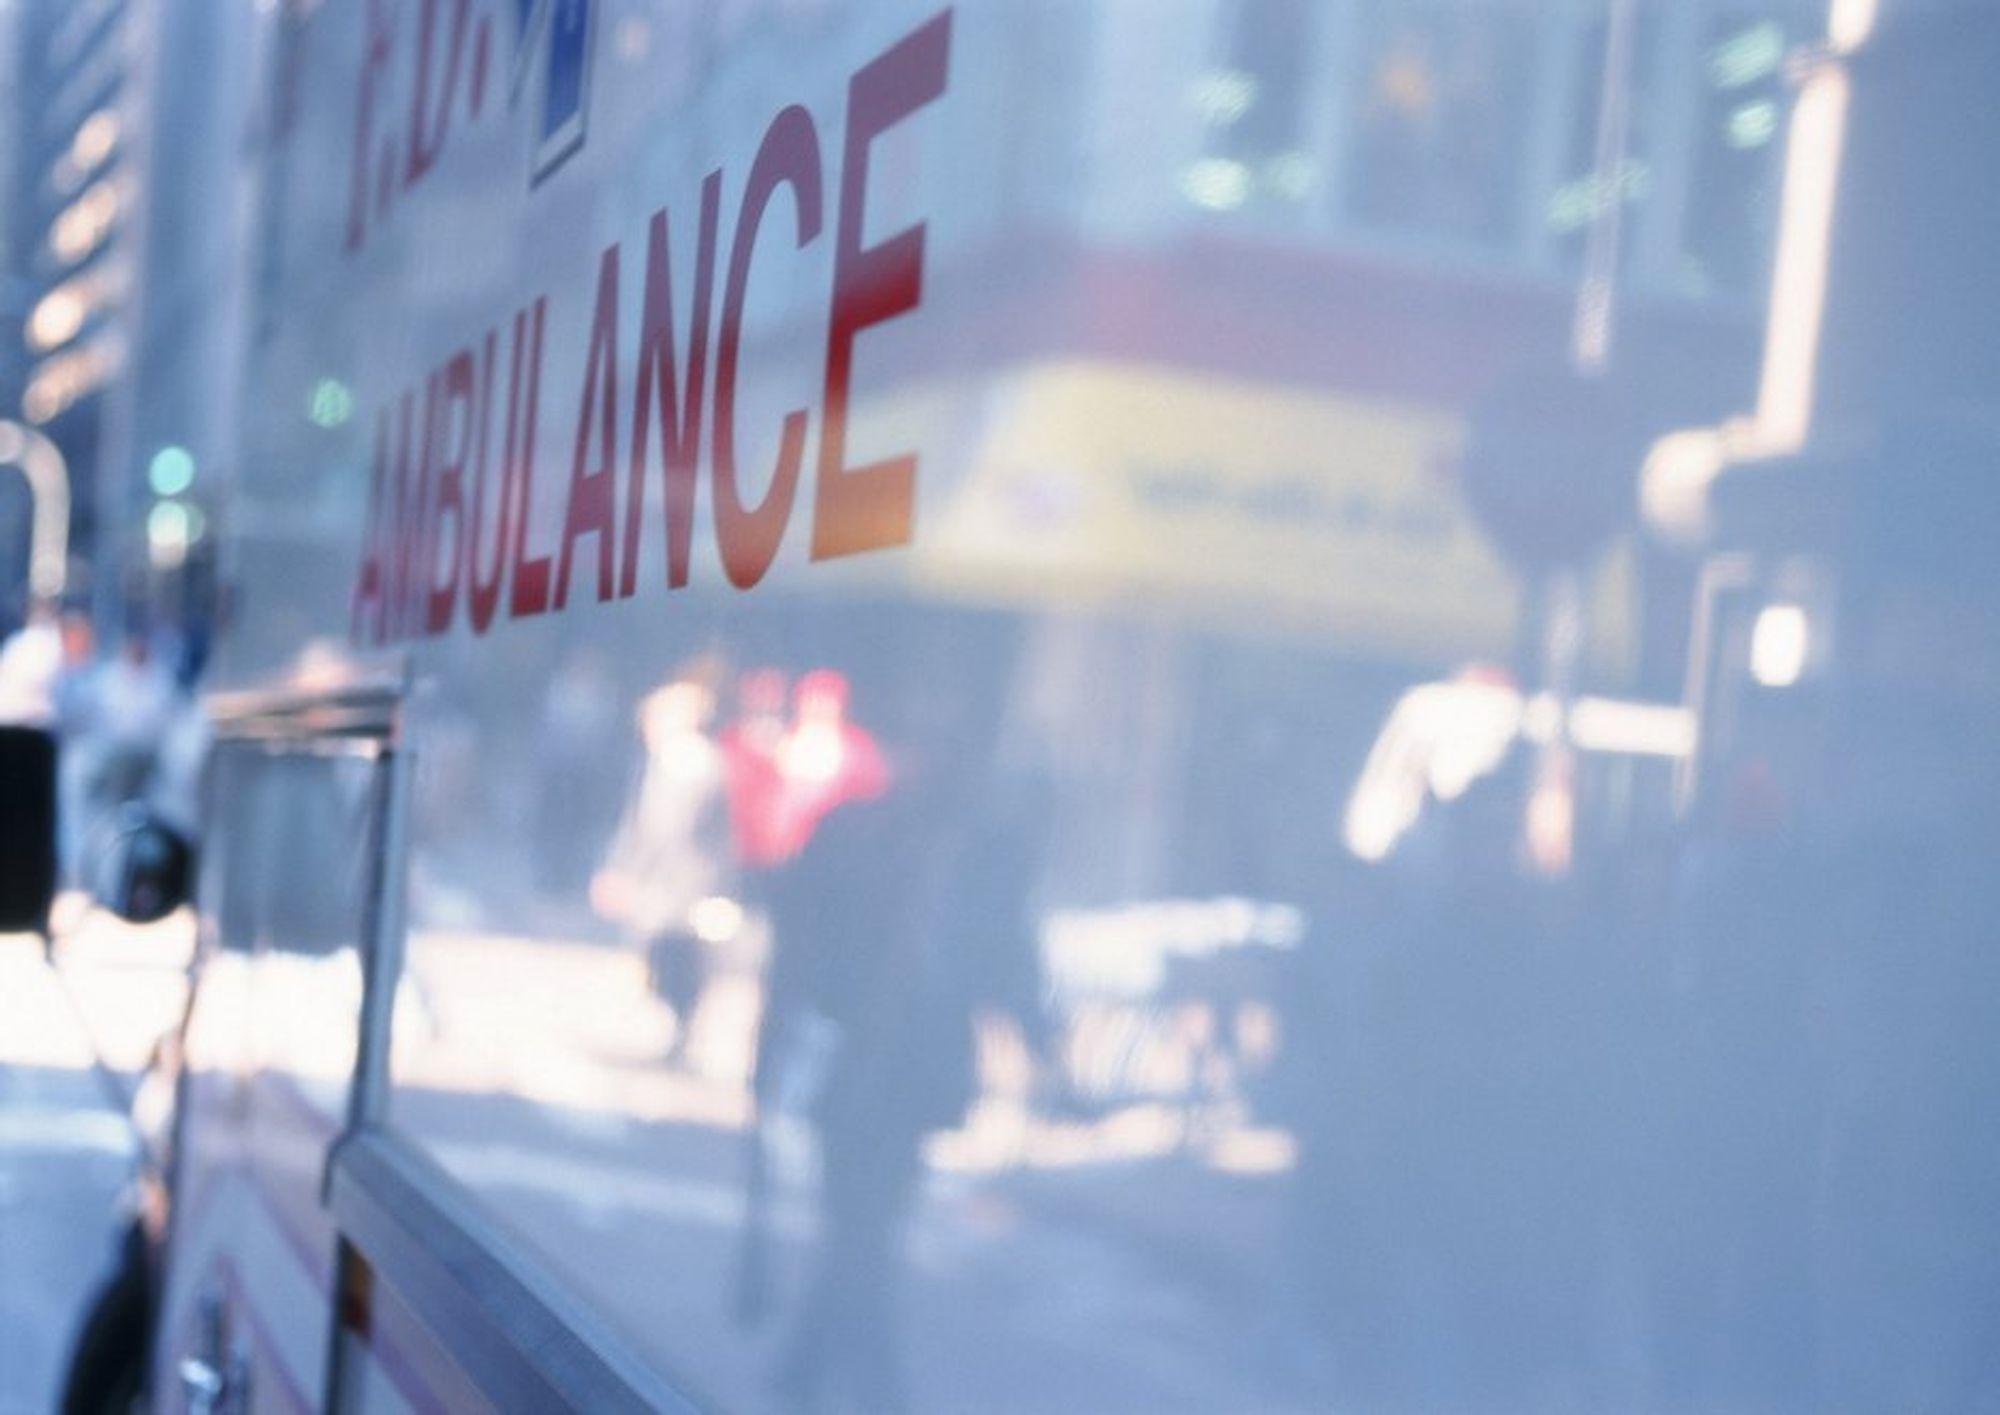 En ansatt i en Hydro-underleverandør døde som følge av elektrisk støt.